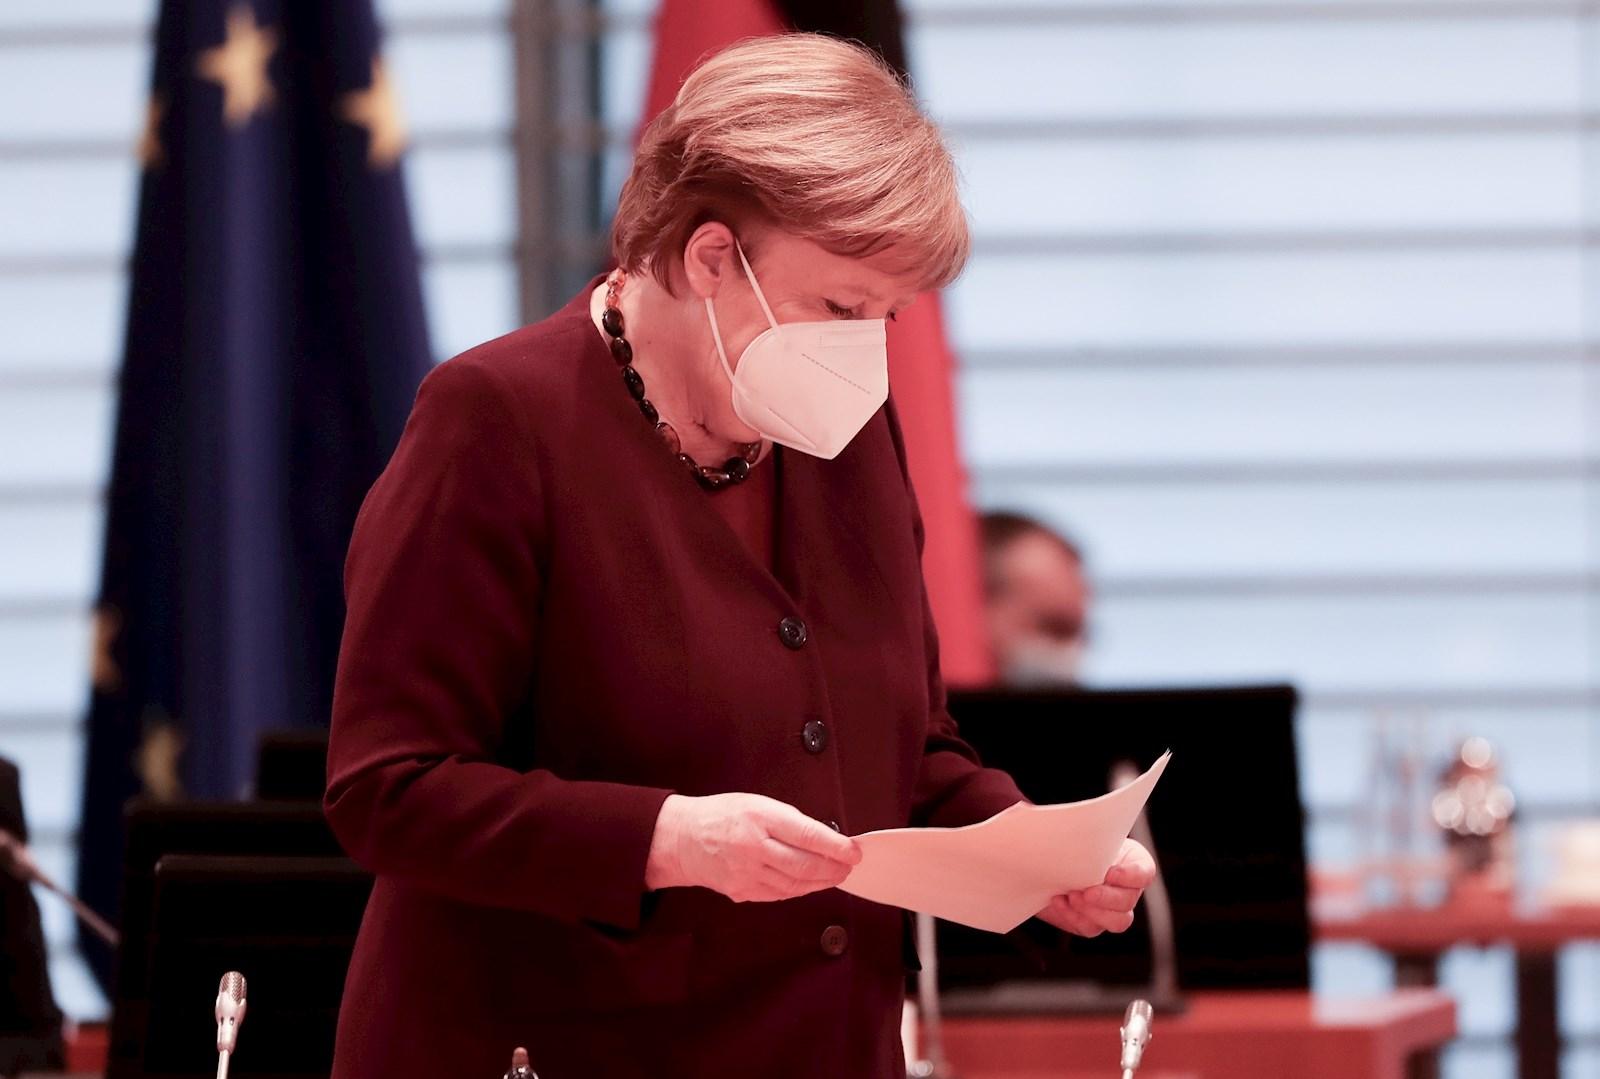 La canciller alemana Angela Merkel lleva una mascarilla mientras asiste a la reunión semanal del gabinete federal alemán en la sala de conferencias de la Cancillería en Berlín. EFE